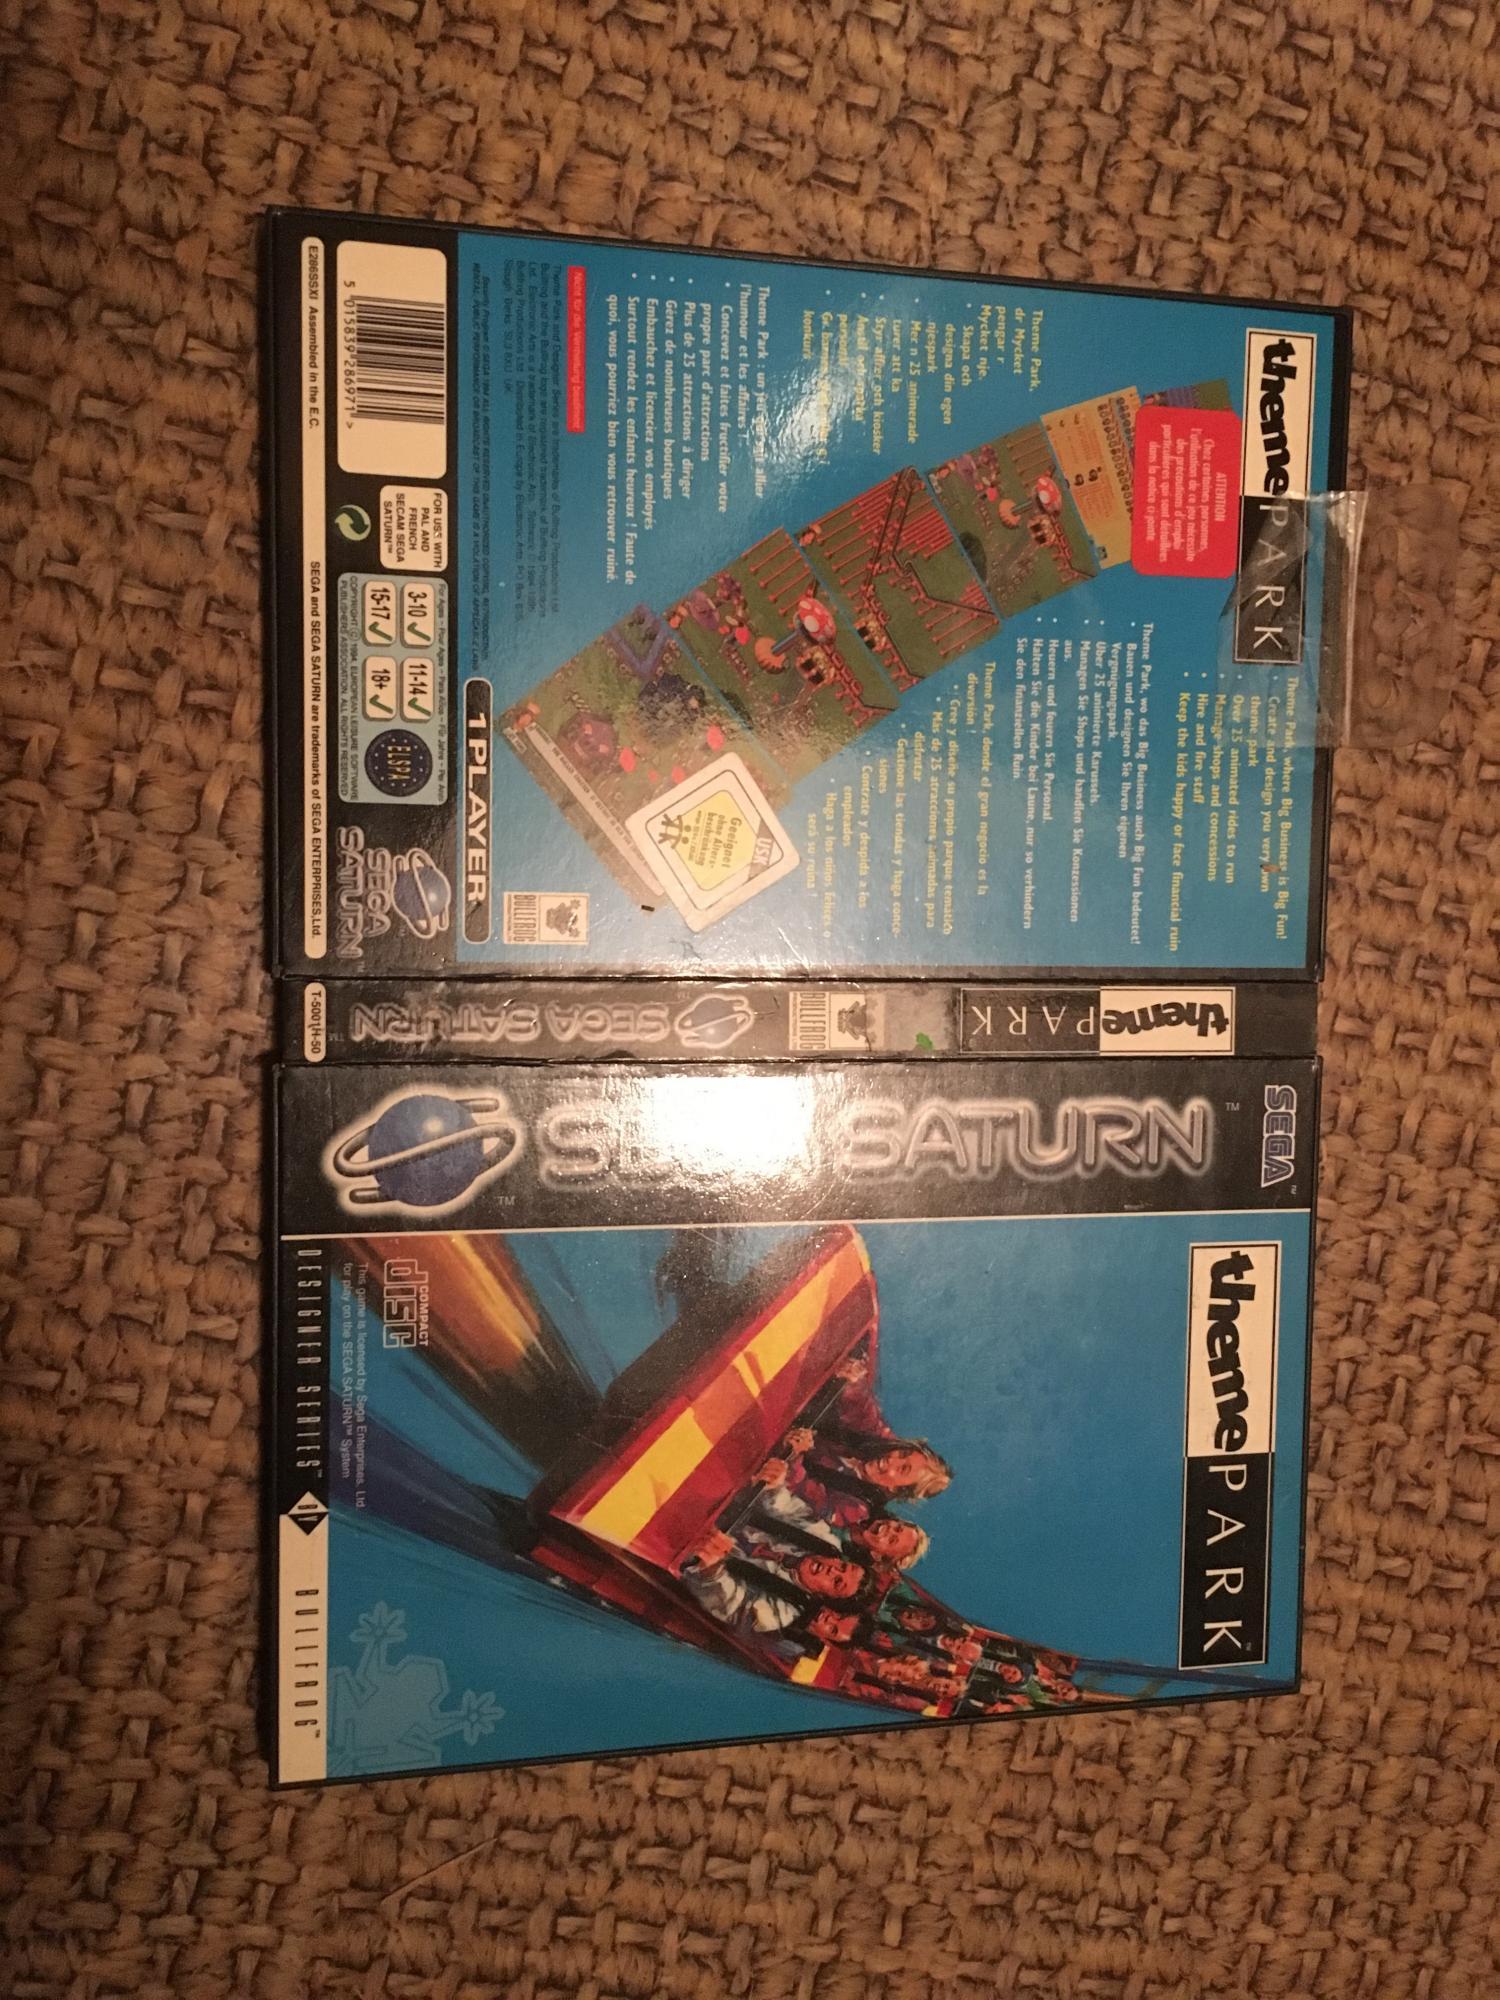 Игра диск sega Saturn в Москве 89096929324 купить 1